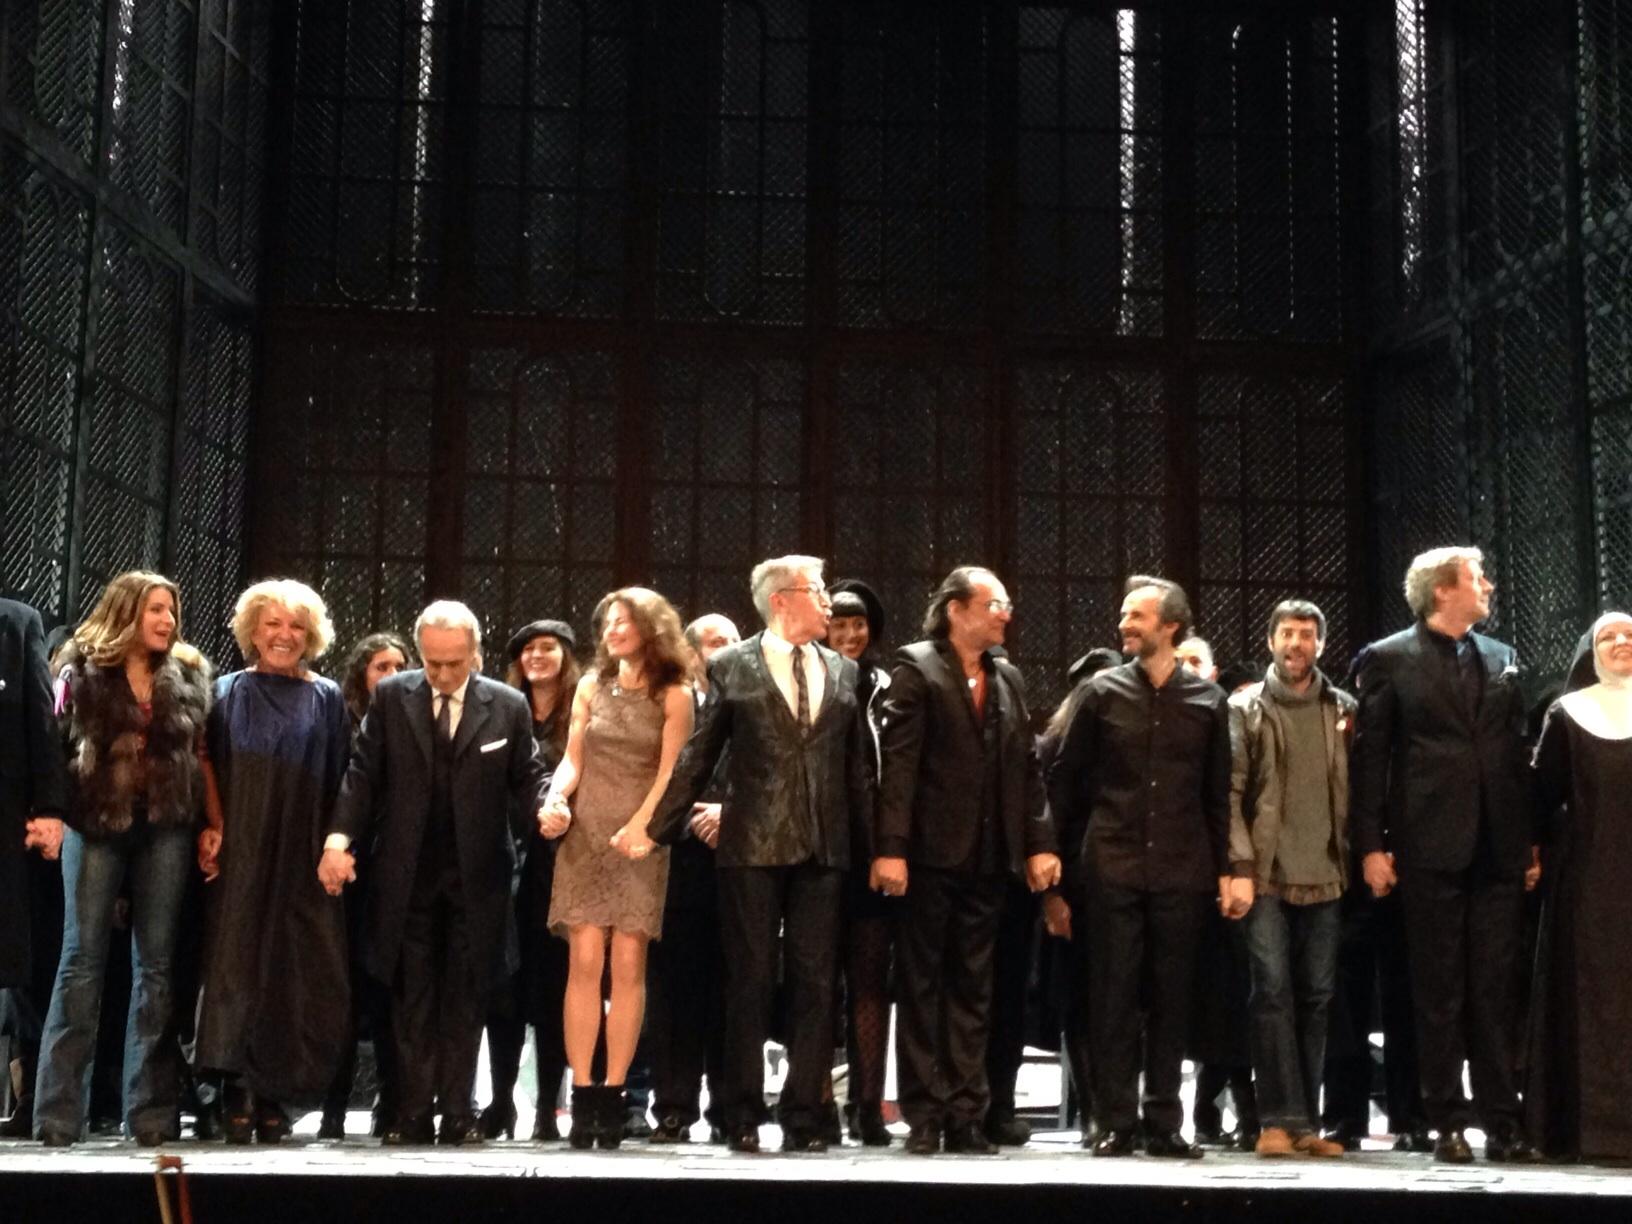 El Juez, una ópera a la medida de Carreras